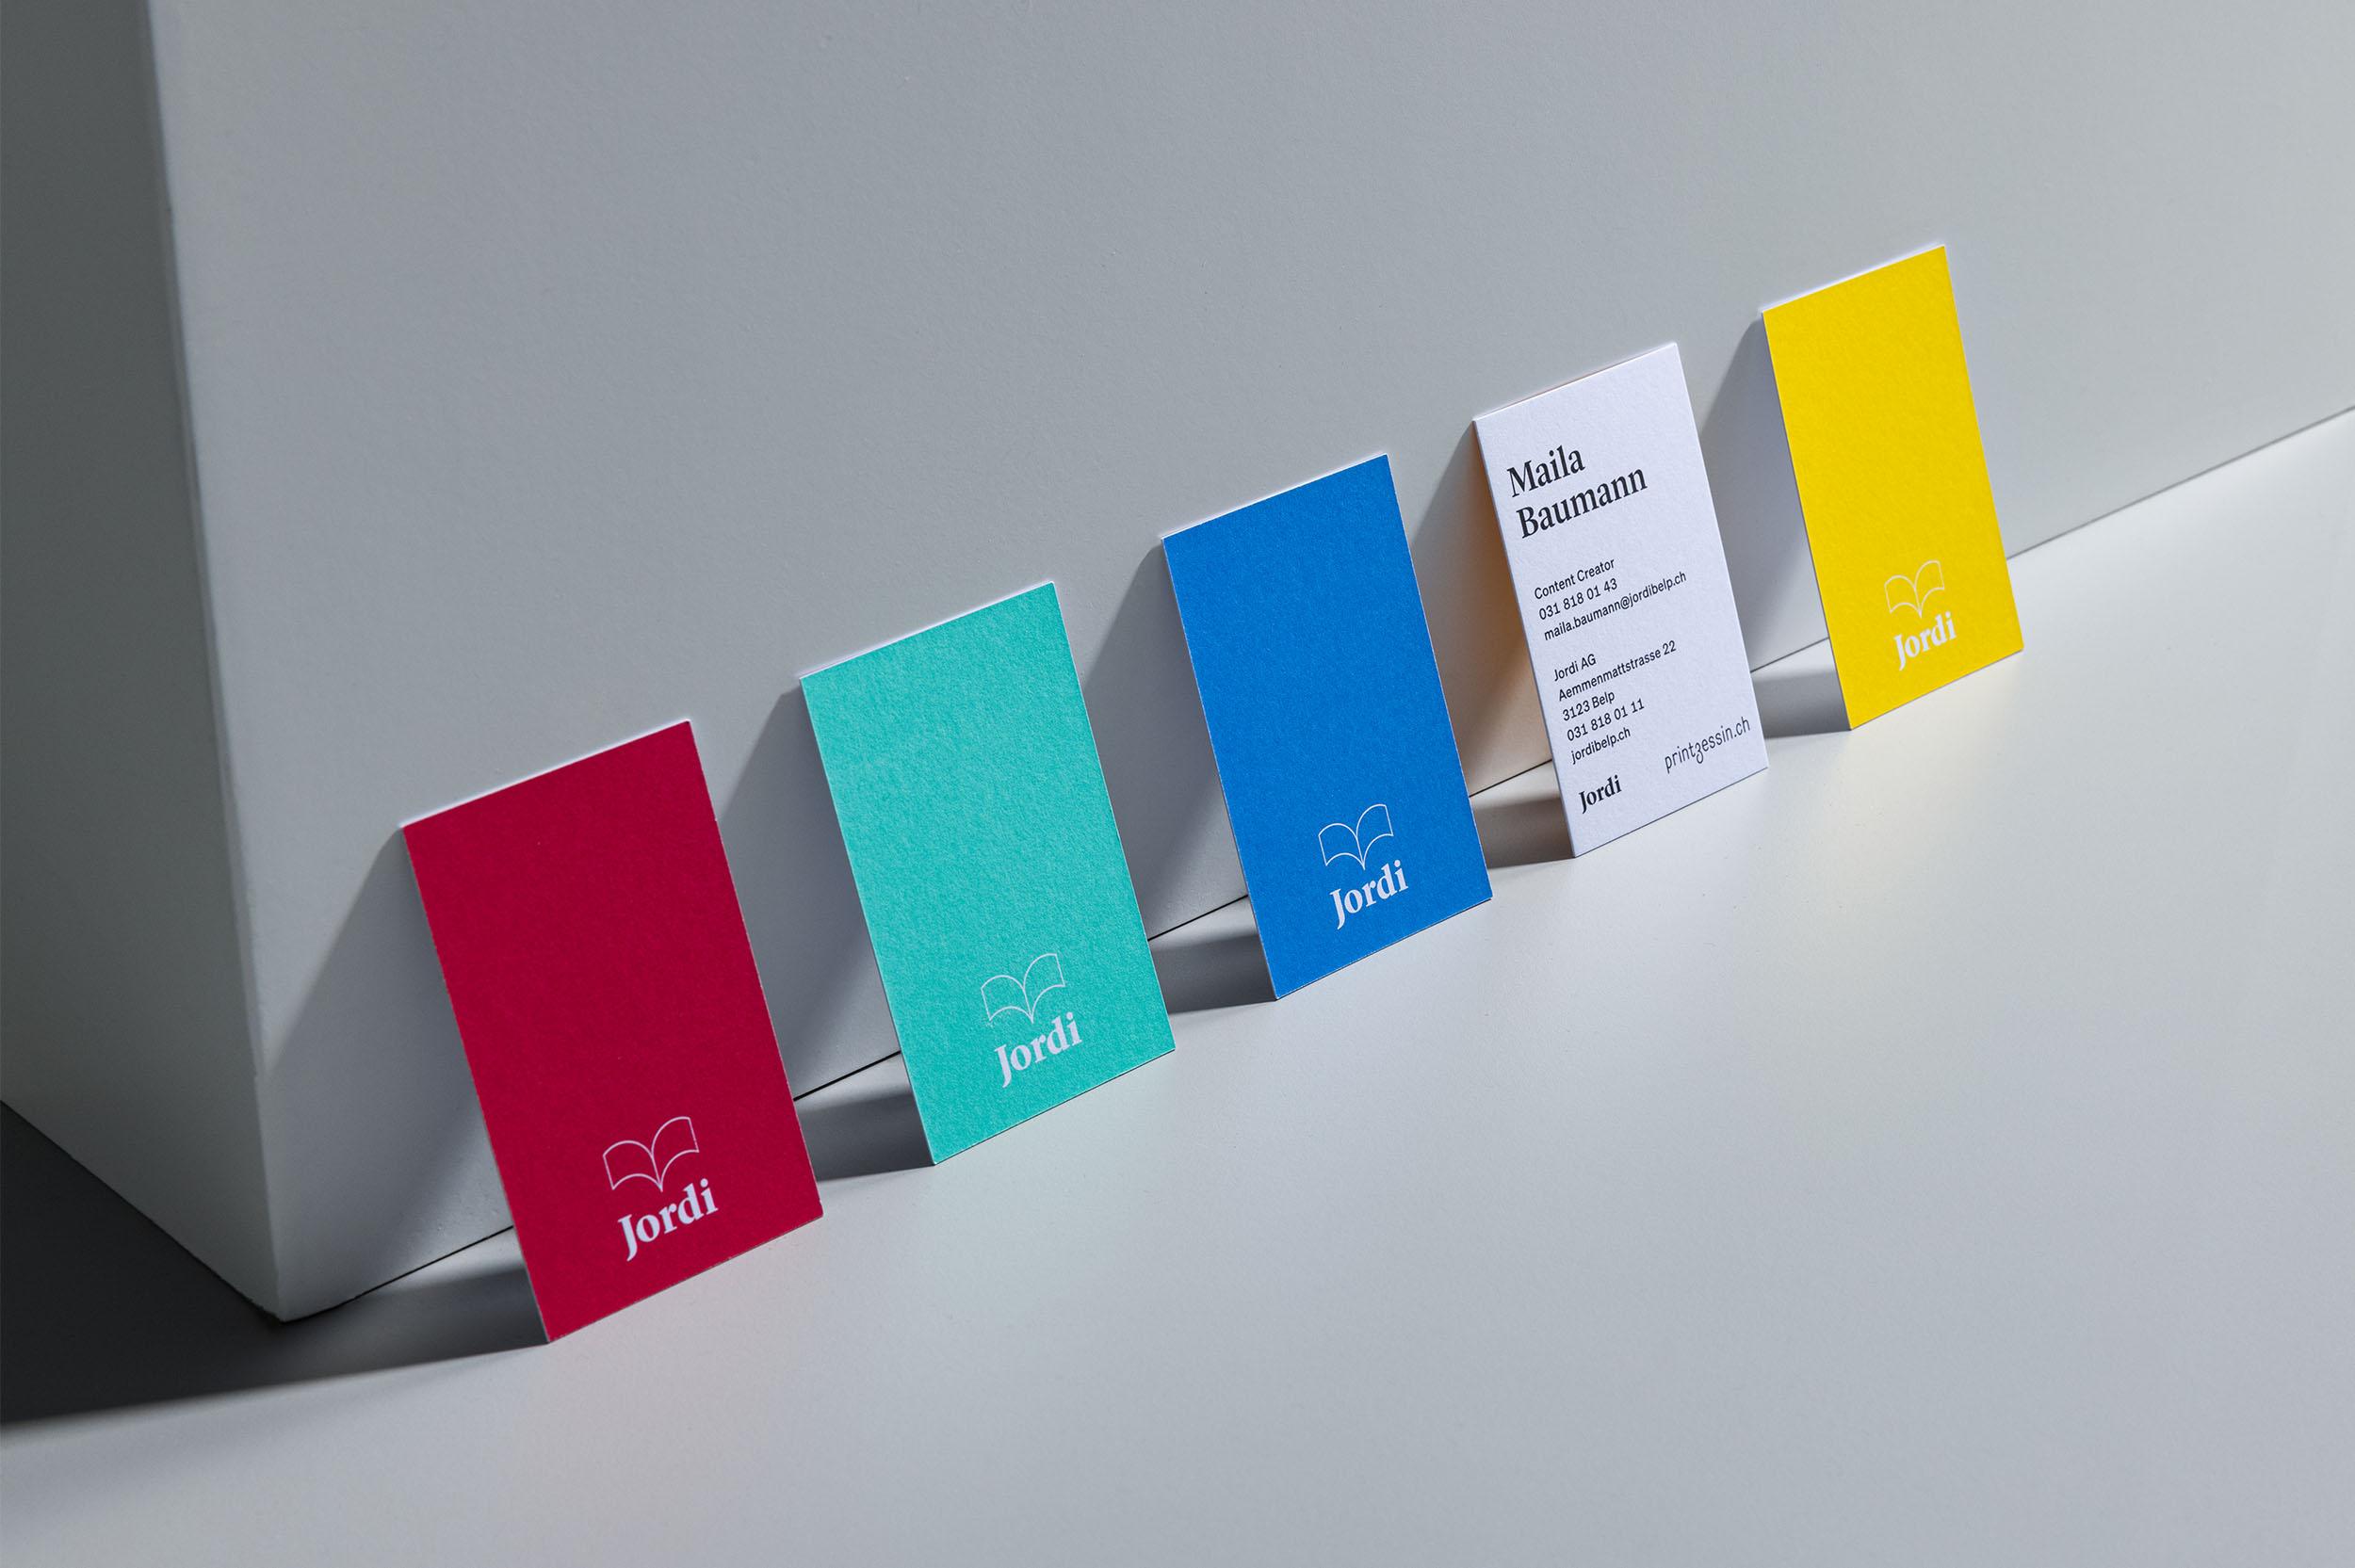 Vorder- und Rückseiten der Visitenkarte in verschiedenen Farbvarianten für Jordi AG, nebeneinander an weissen Kubus anlehnend